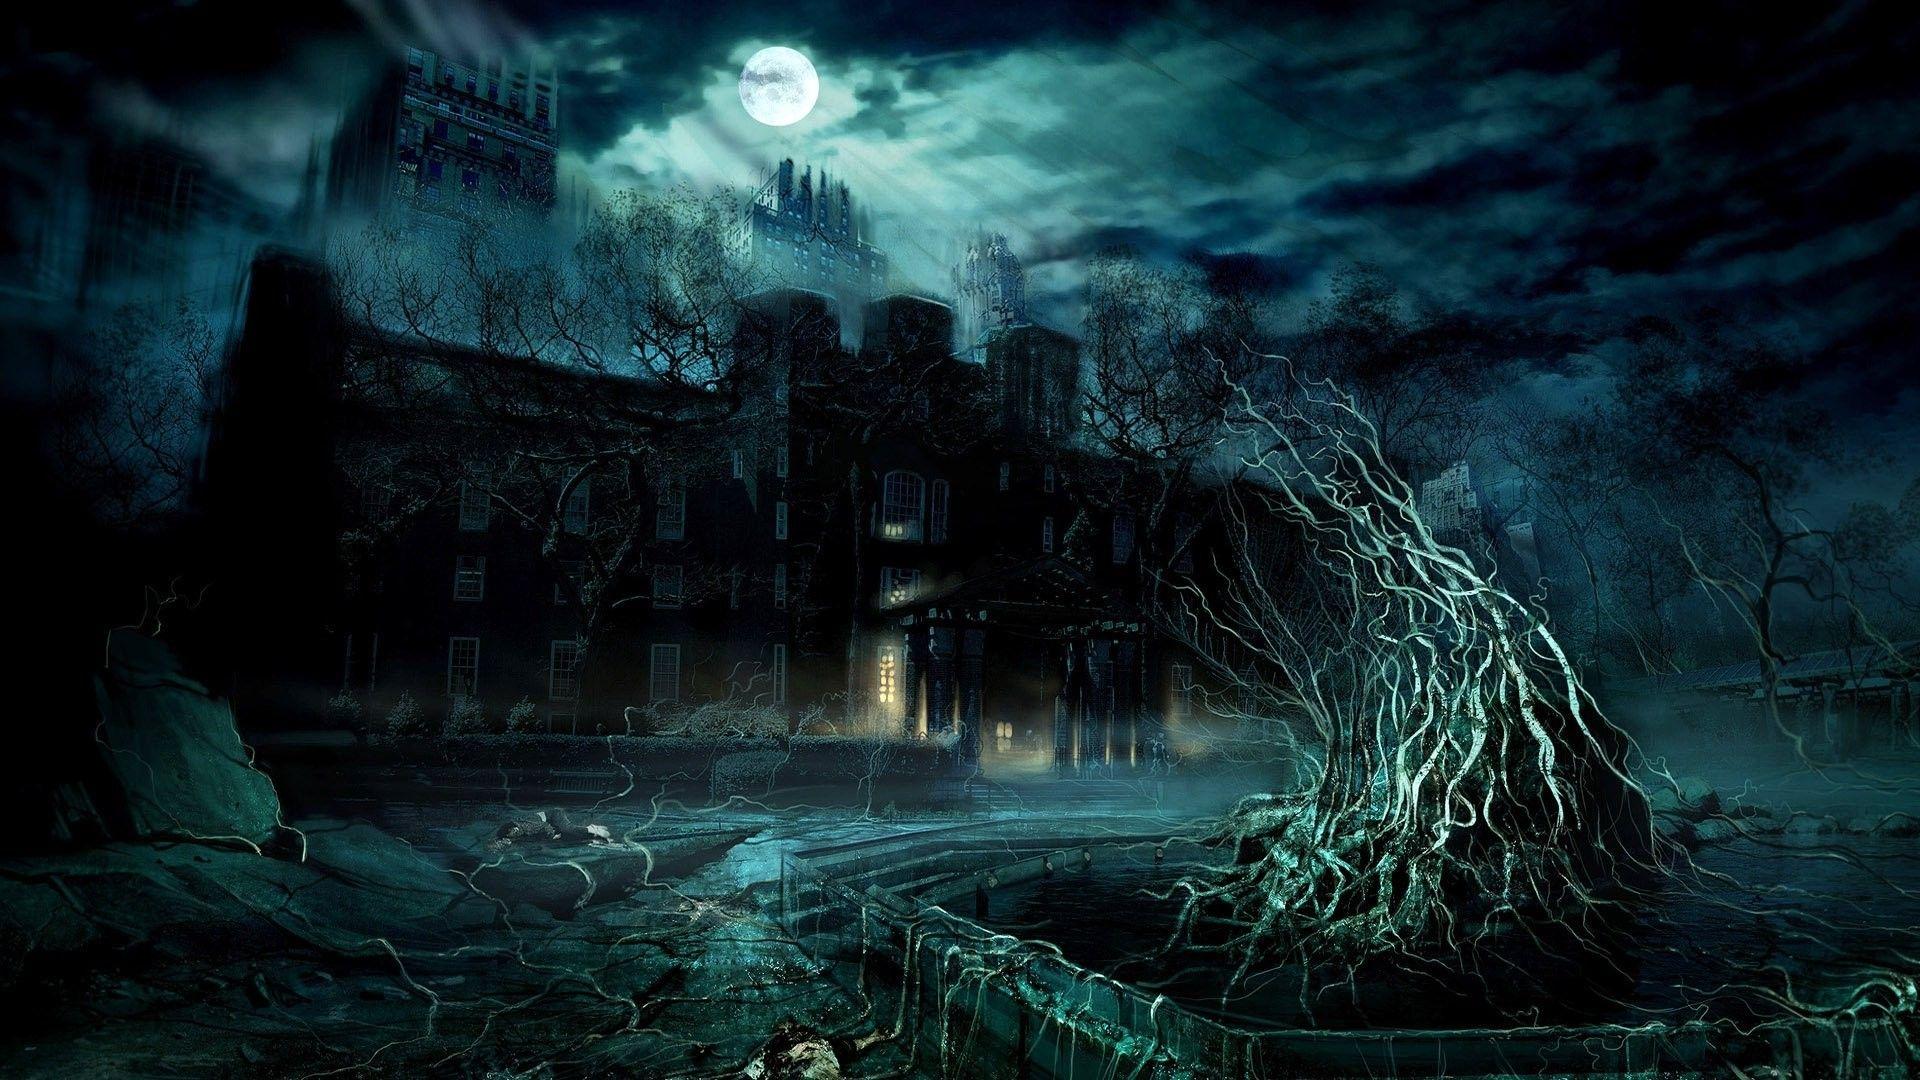 dark forest widescreen wallpaper - photo #5